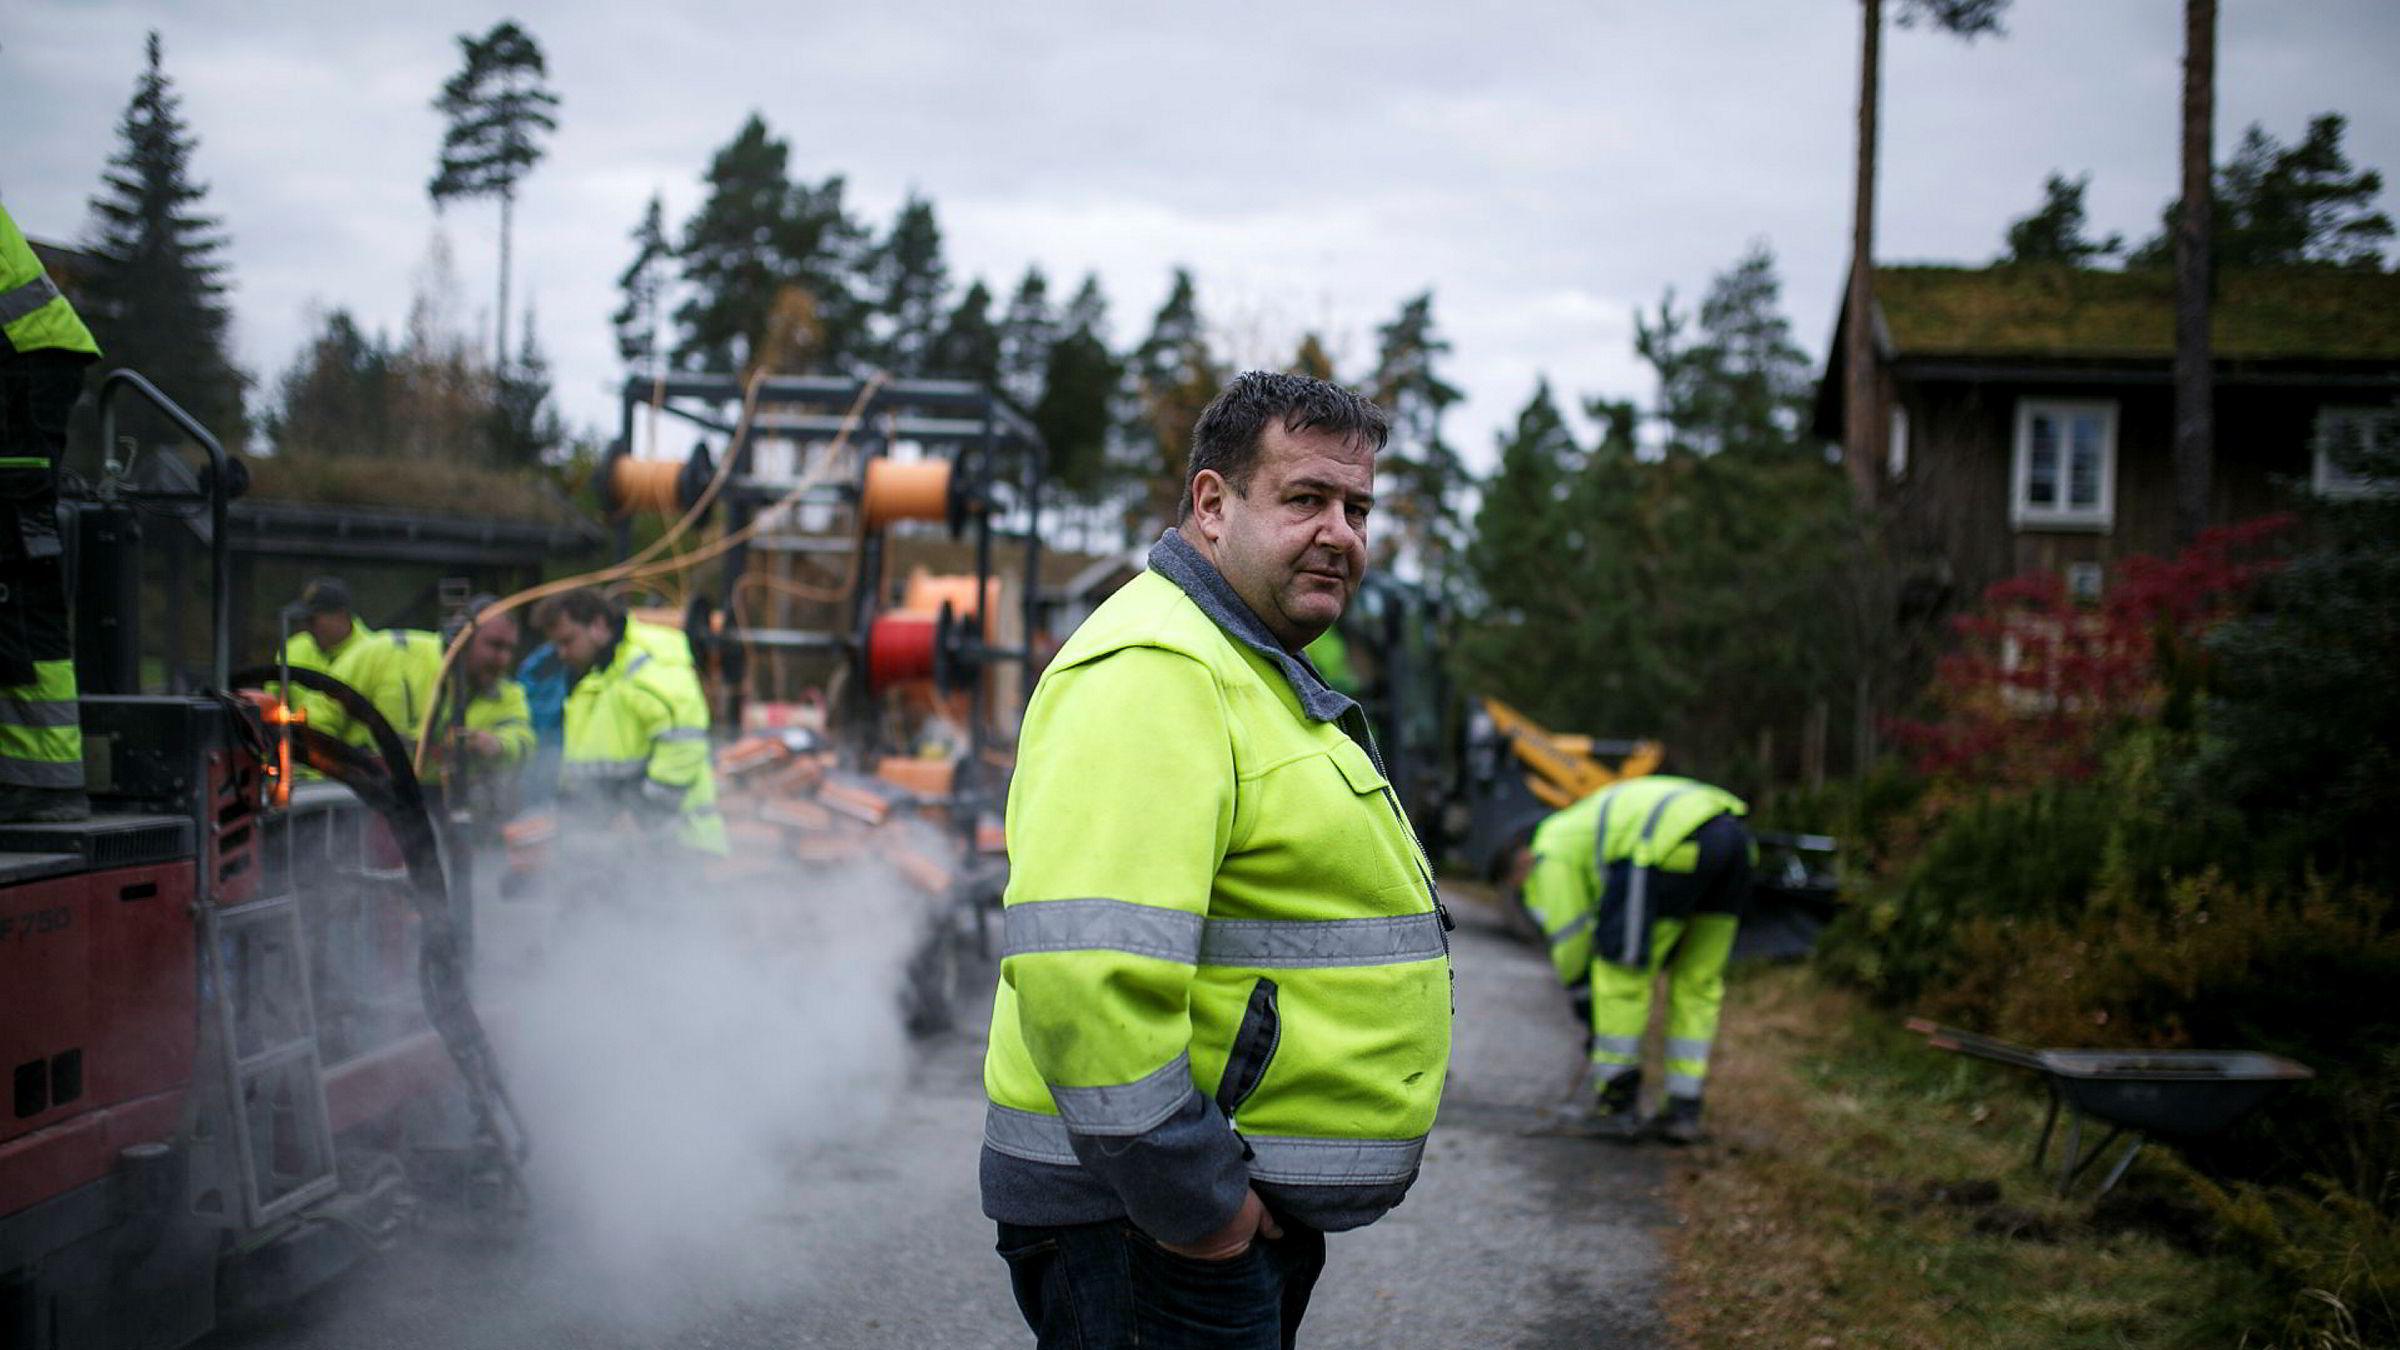 Microtrenching Norge er blitt gasellevinner i Buskerud på å trekke fiberoptikkabler med egenutviklede maskiner. Her er daglig leder og gründer Jan Carlo Tangen på befaring i en villavei på Gjerdrum, der nye fiberkabler blir lagt.